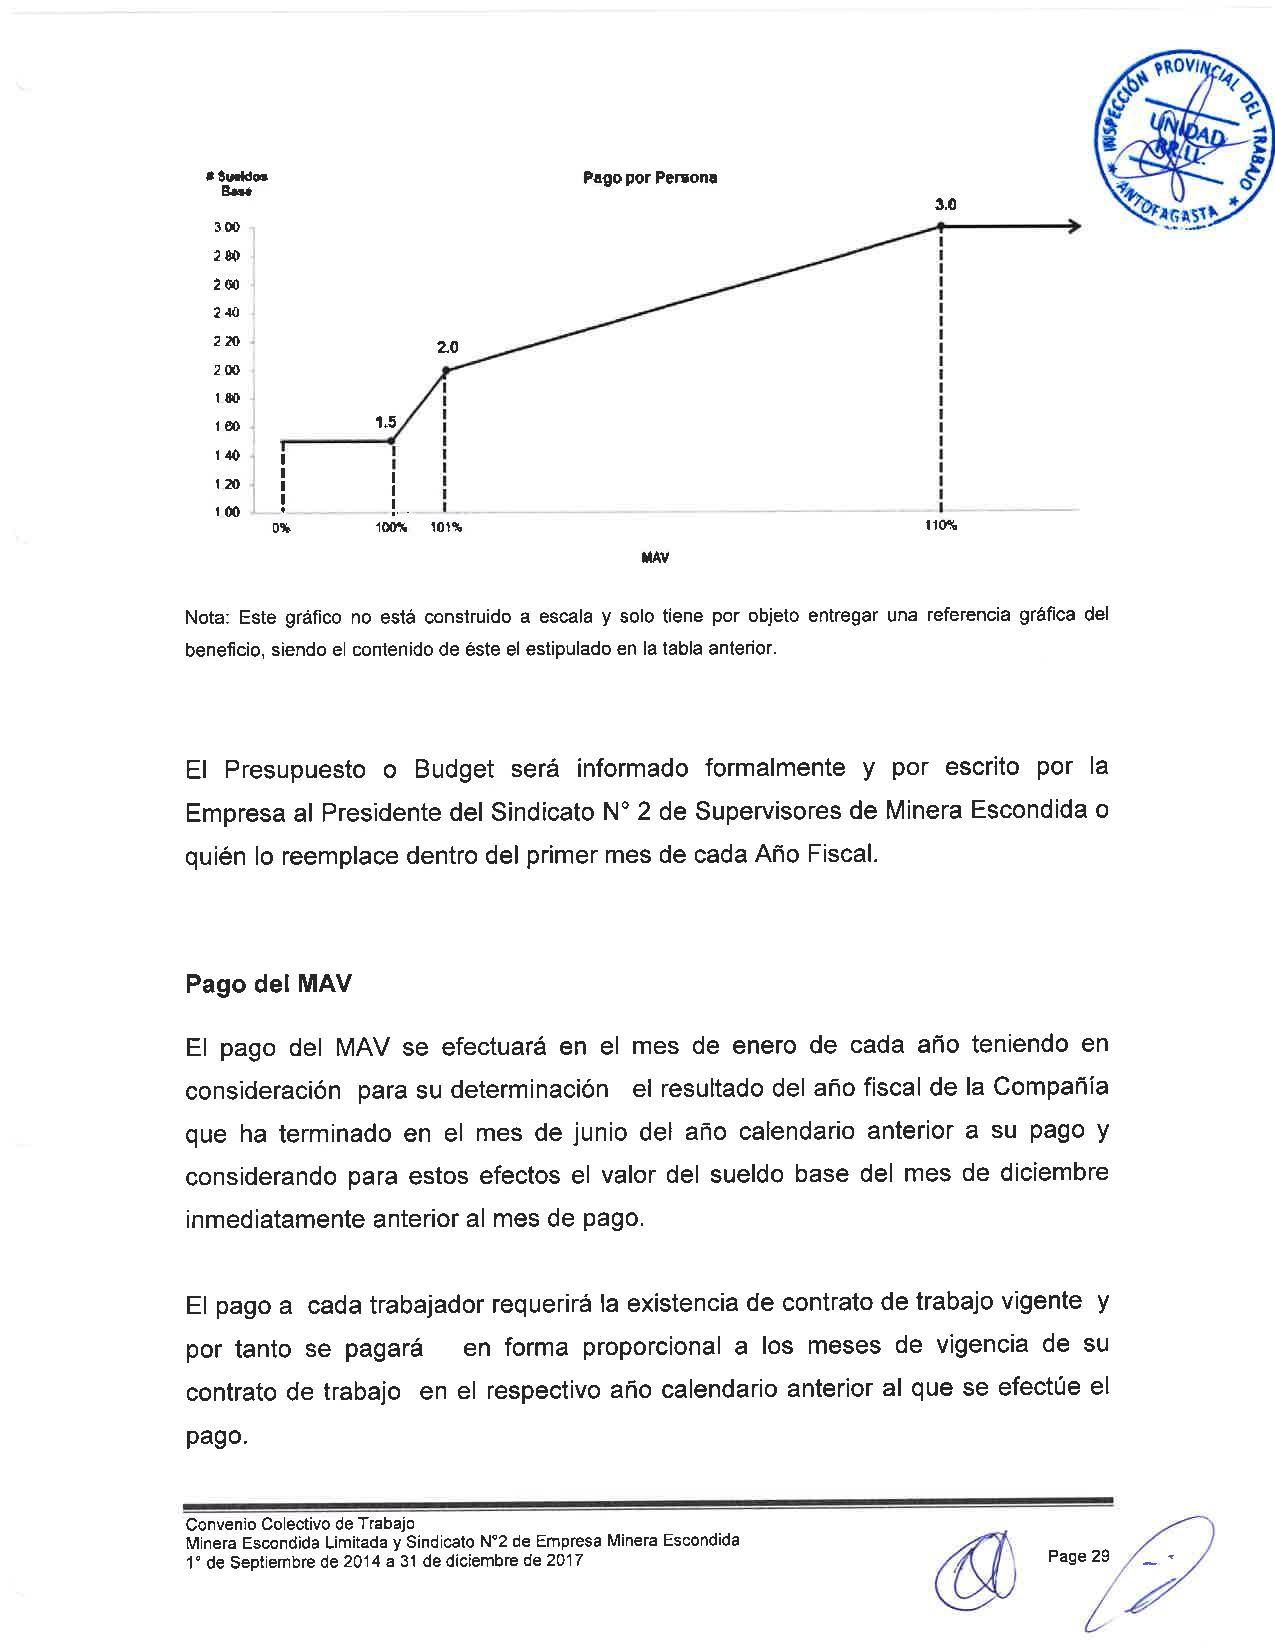 Página (29).jpg